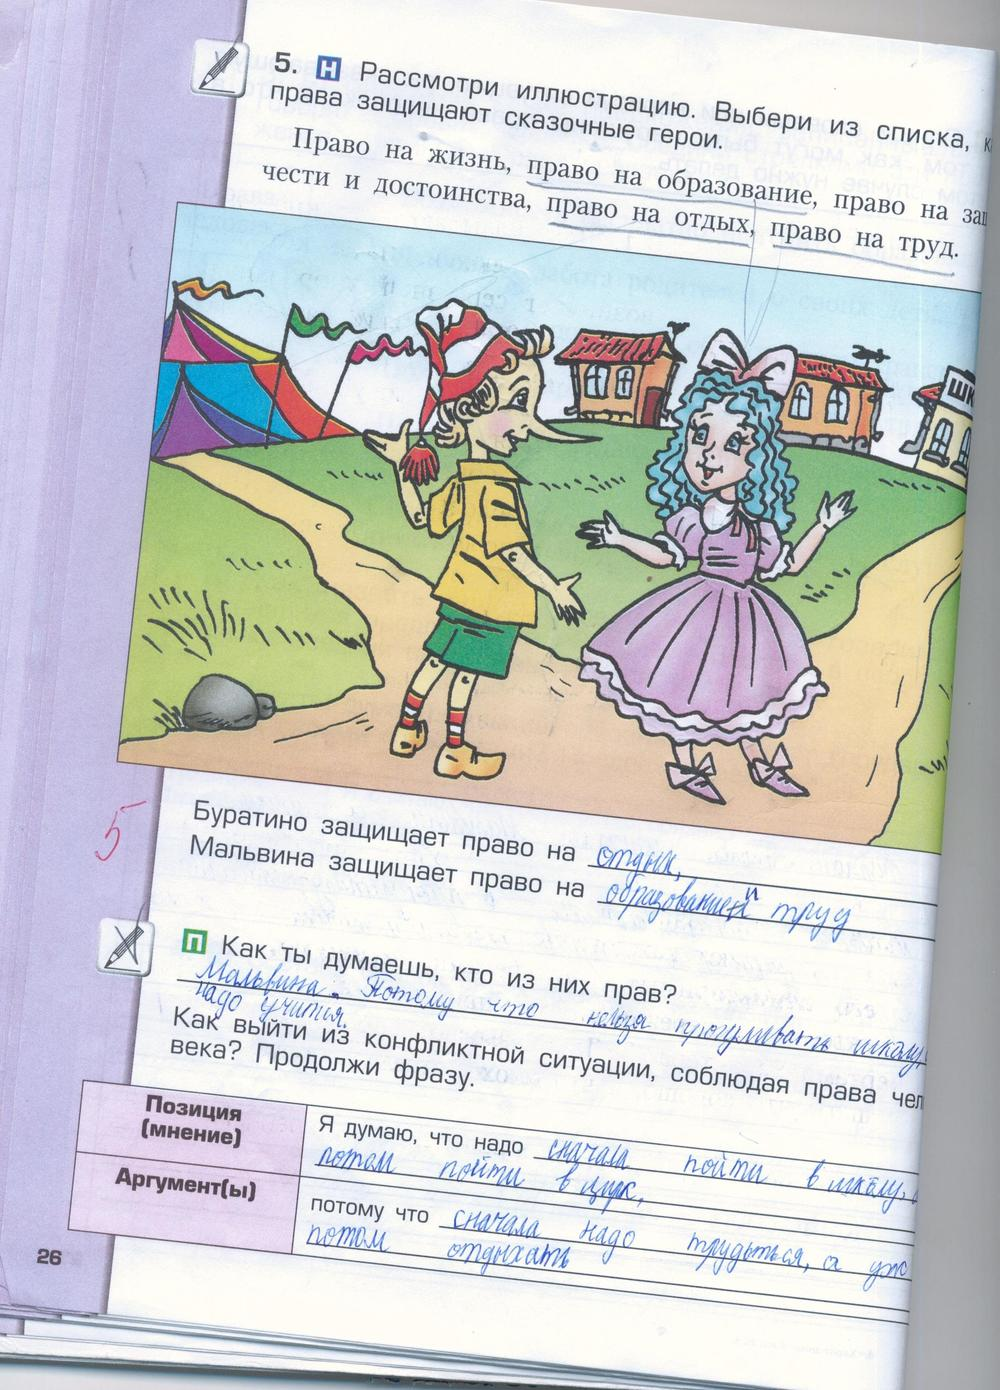 Гдз по окр.мир 4 класс вахрушев рабочая тетрадь ответы